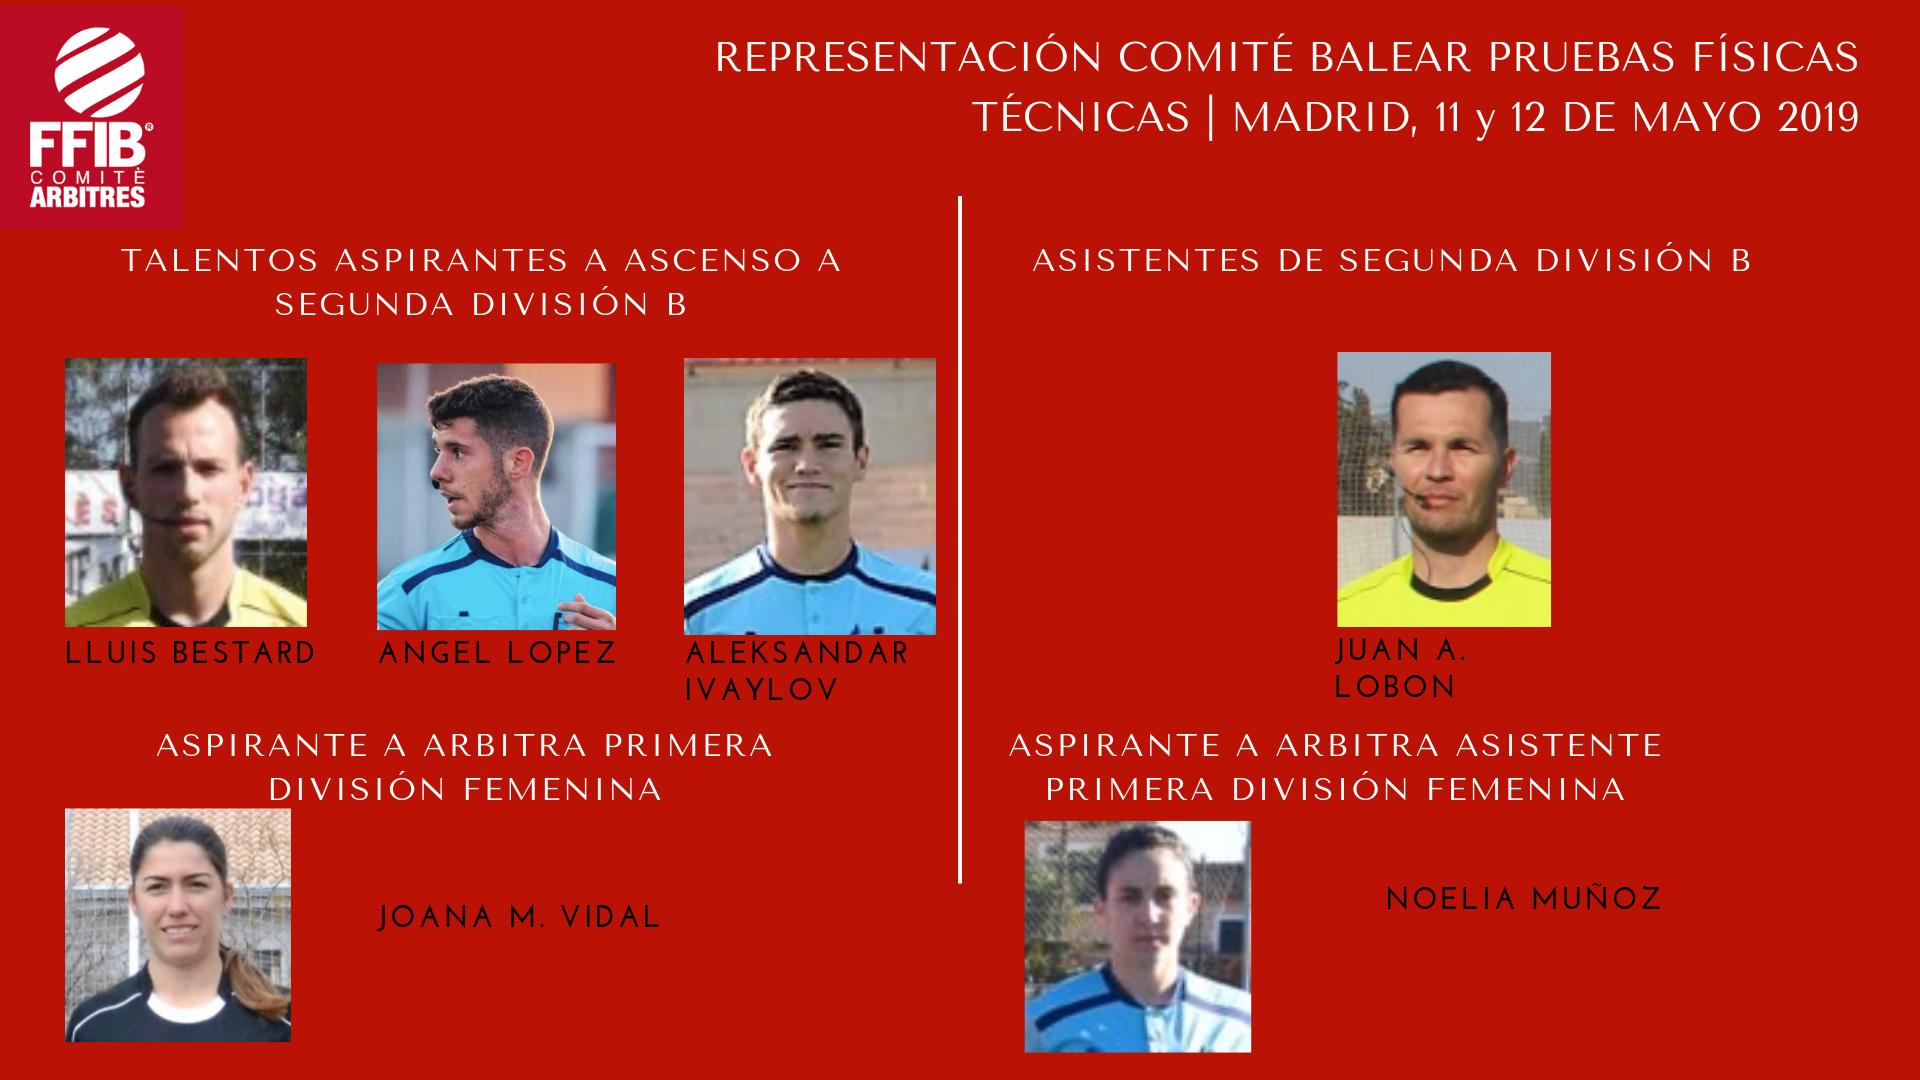 Representación Comité Balear pruebas de ascenso 2018/2019 | Madrid, 11 y 12 de Mayo